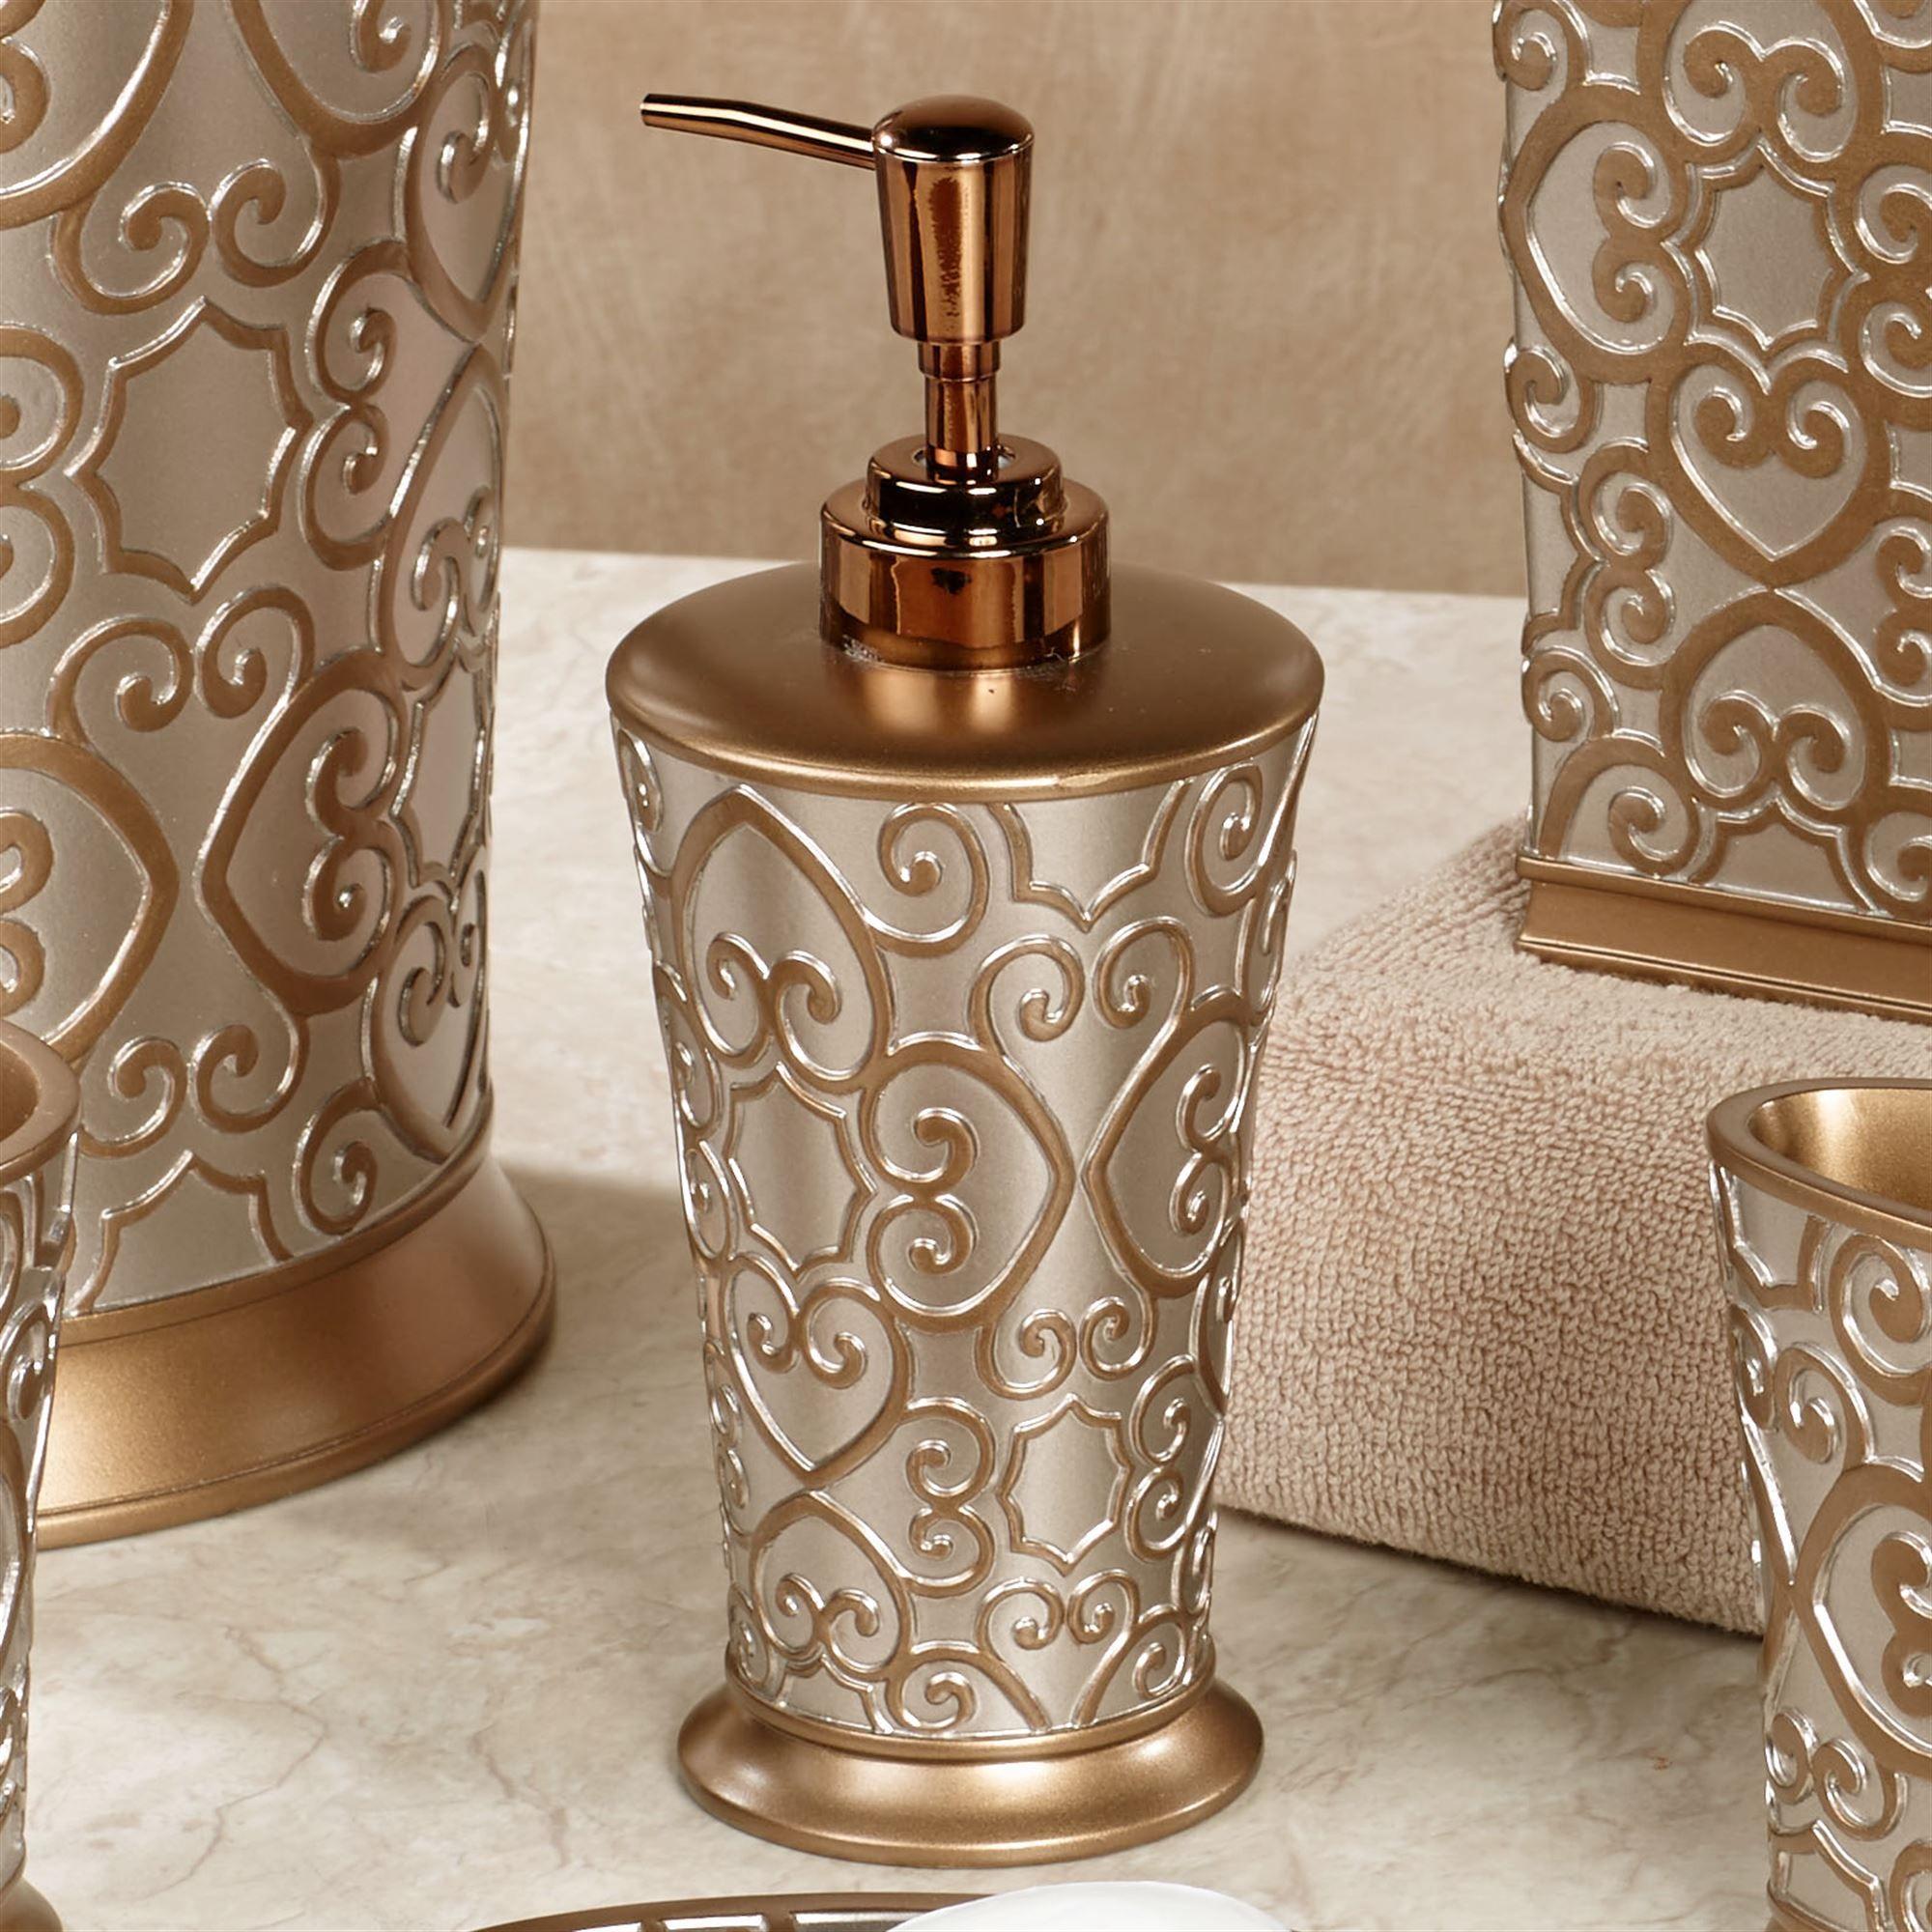 Allure Silver And Gold Bath Accessories Bath Accessories Gold Bathroom Accessories Bathroom Accessories